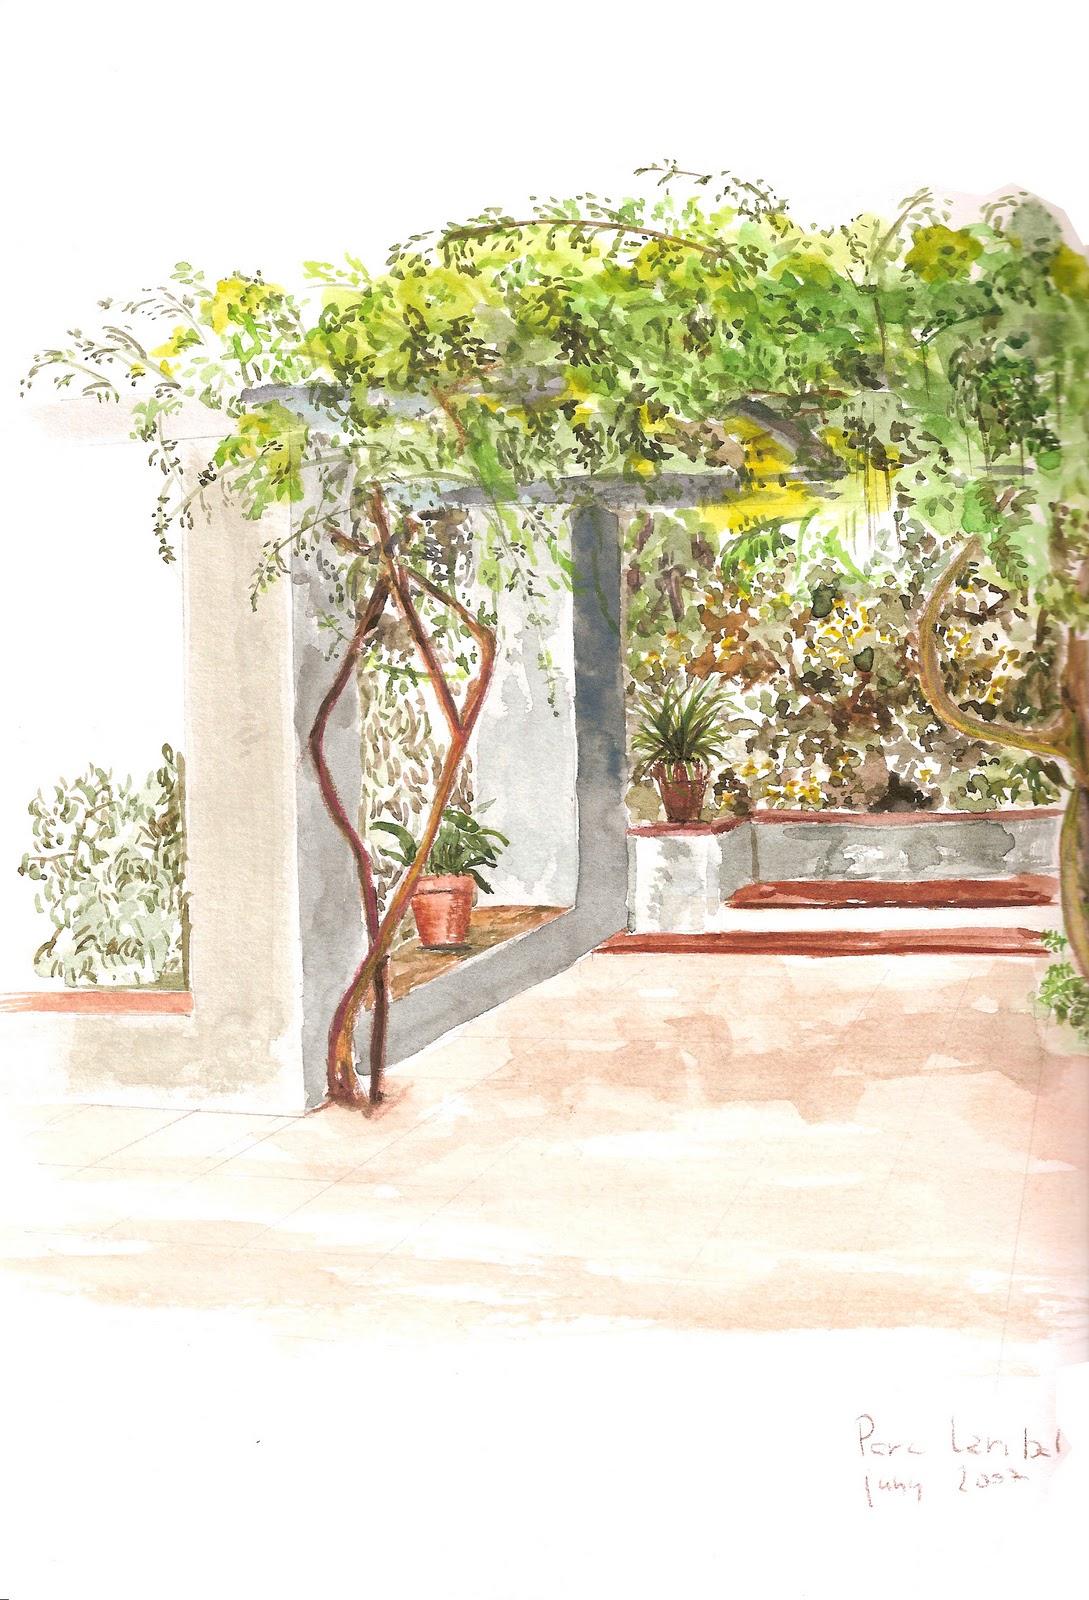 Jardines en paisajes curso de dibujo del jard n y del paisaje - Jardines y paisajes ...